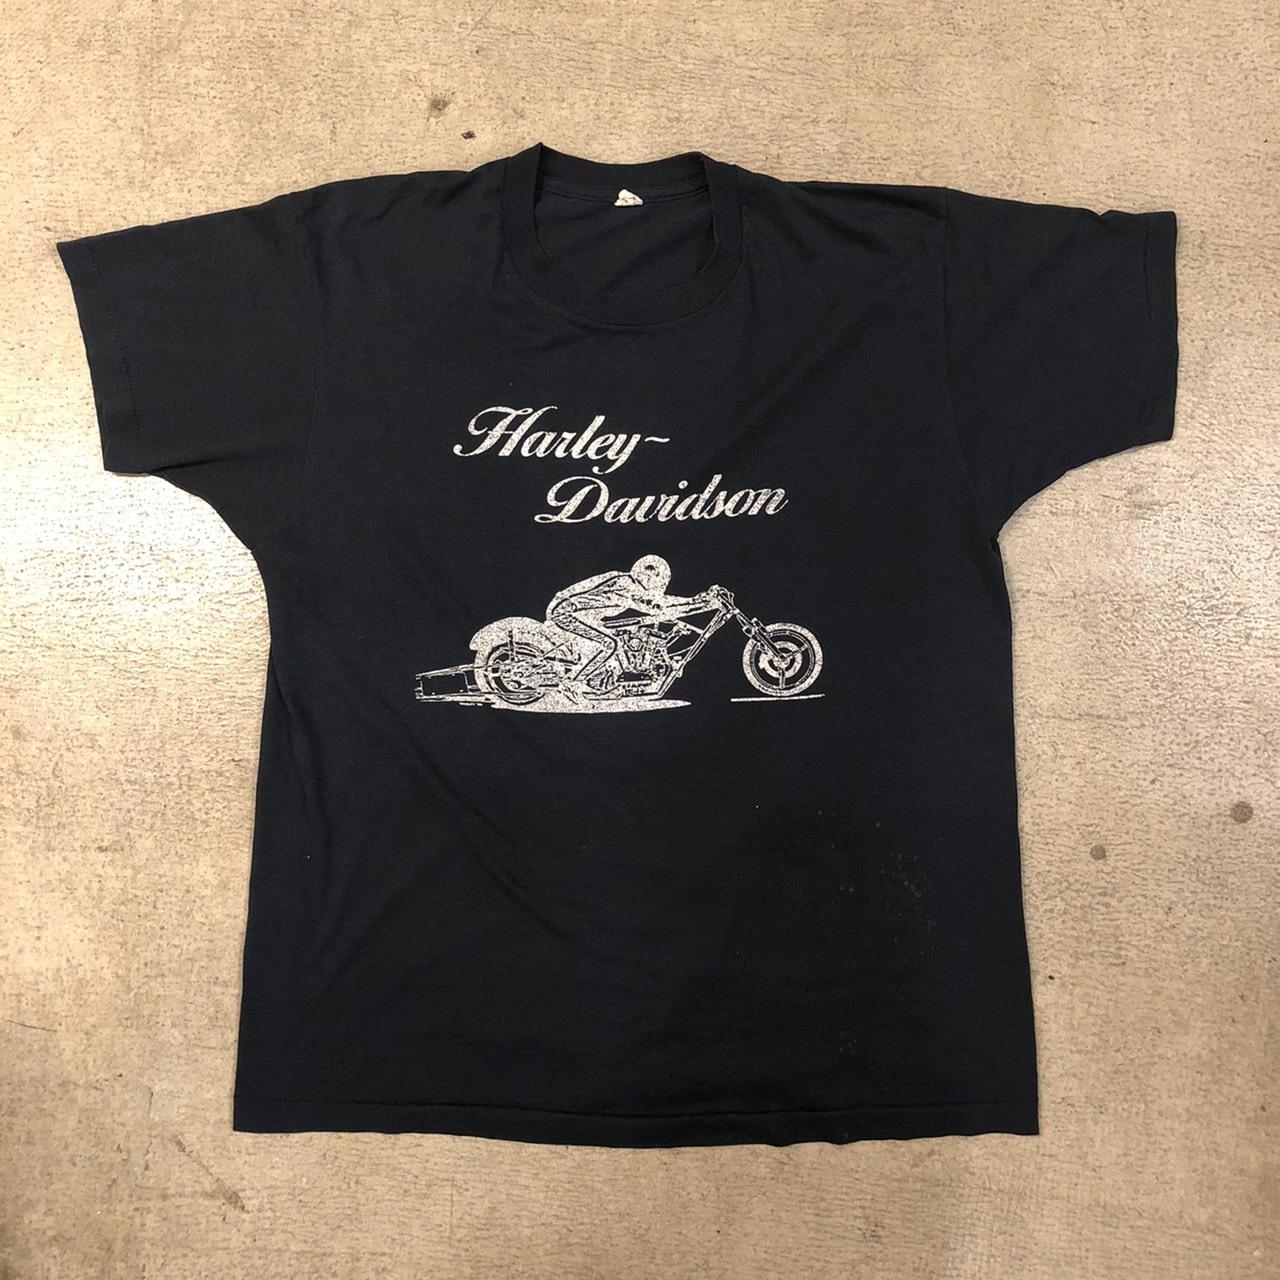 Harley Davidson Tee ¥6,900+tax